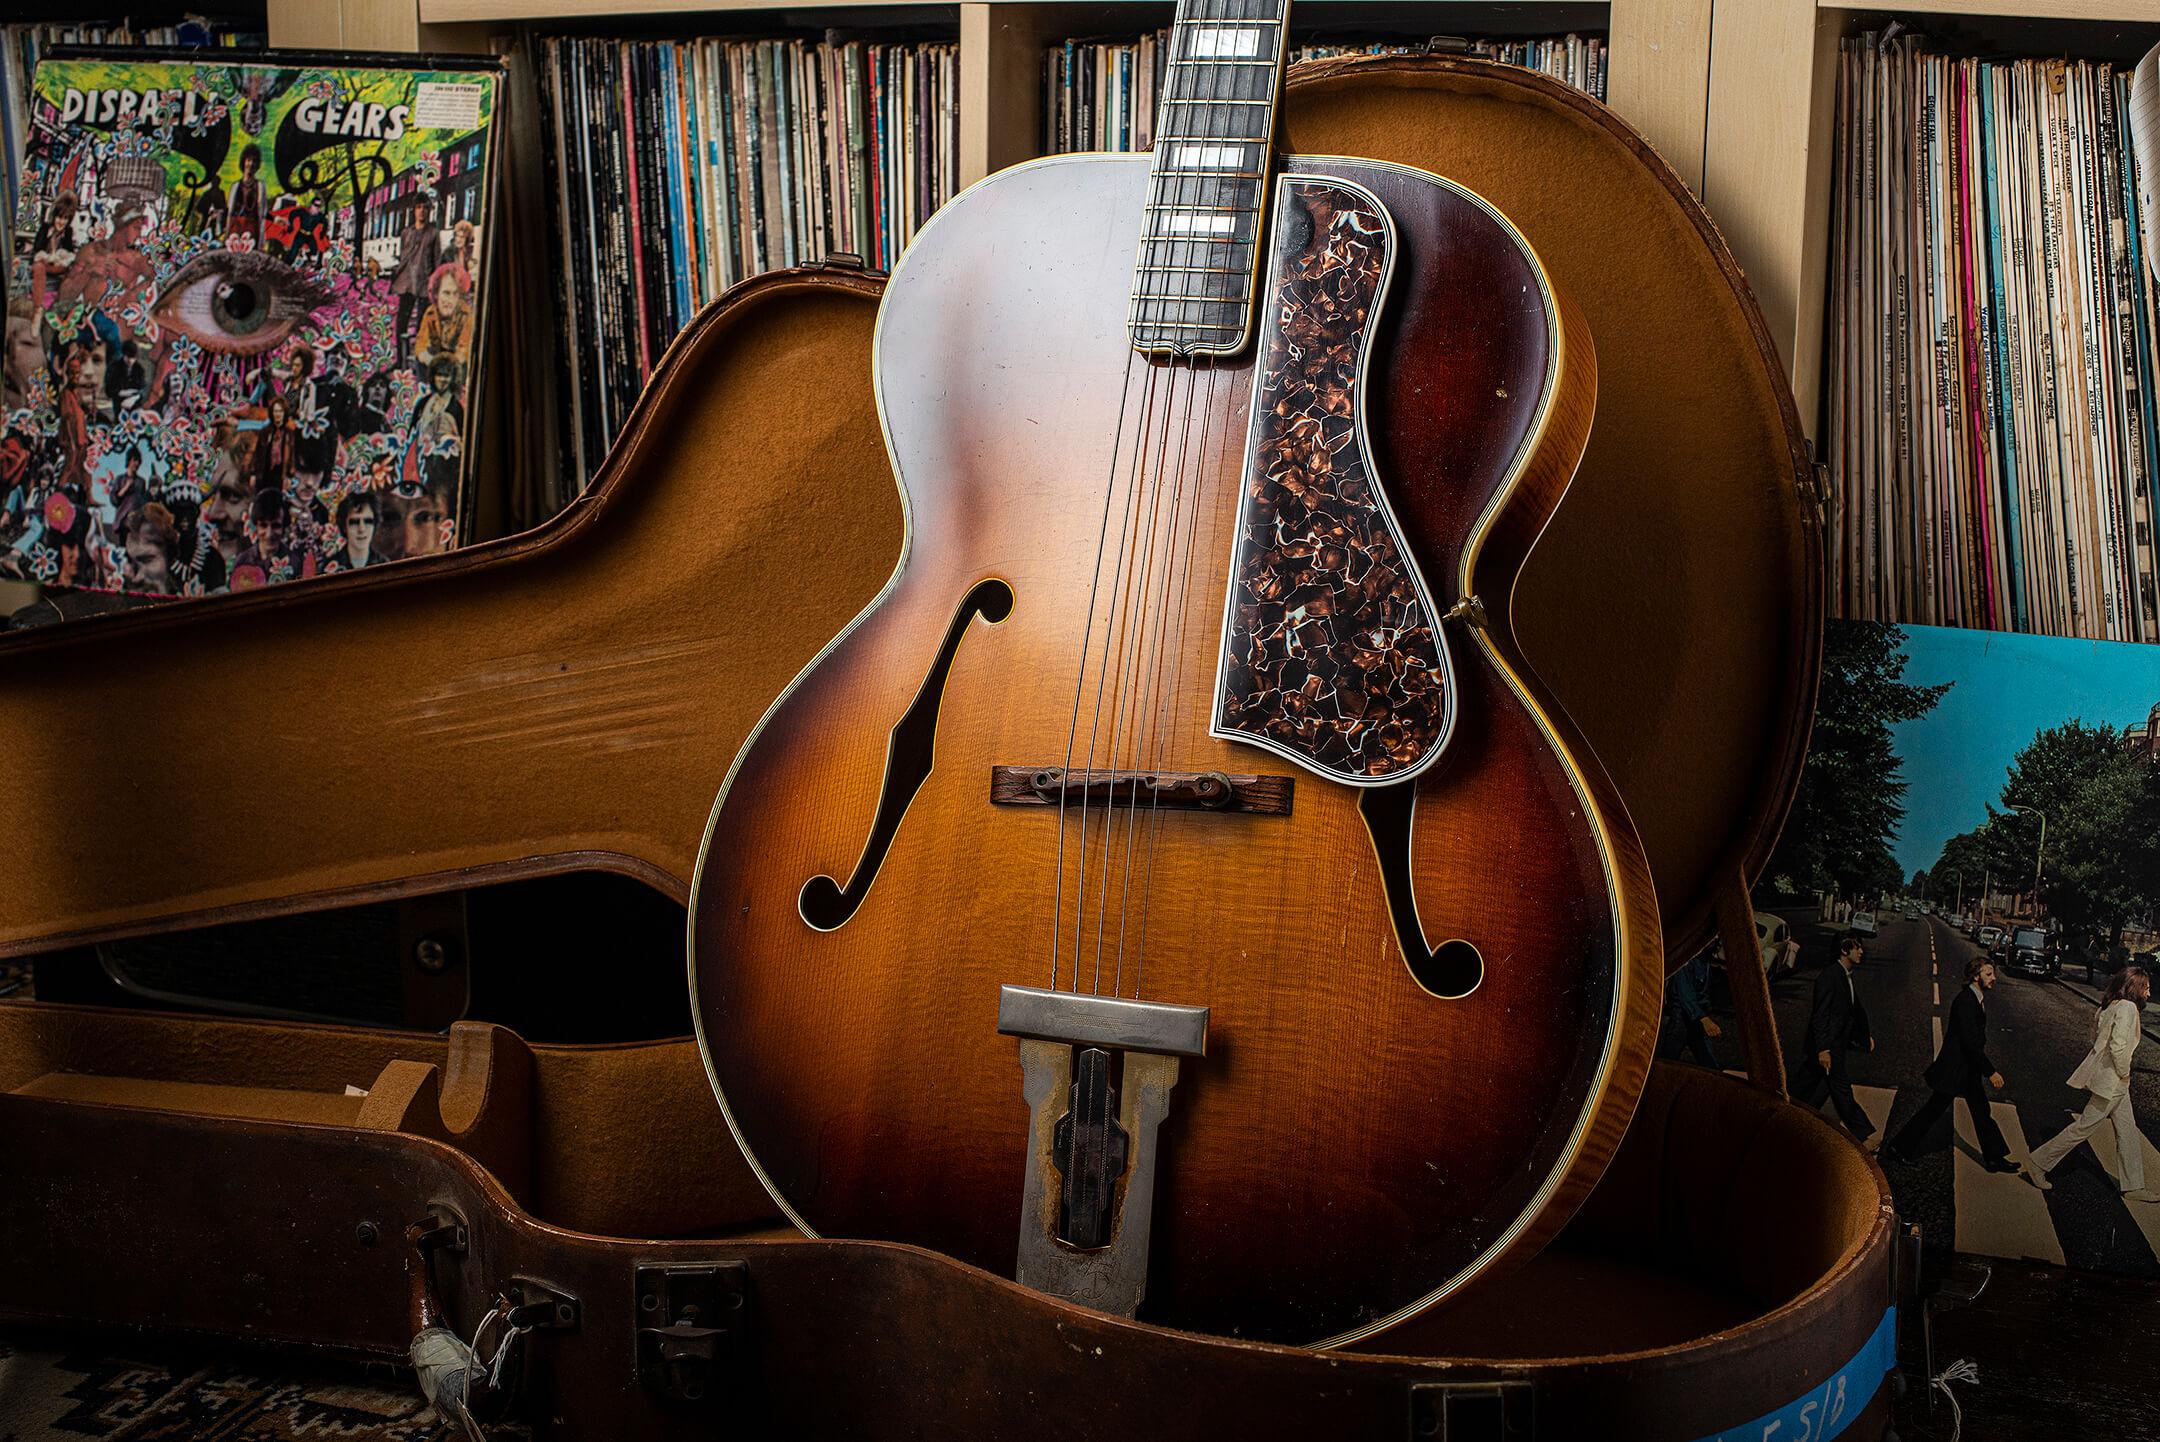 Bernie Marsden's Gibson L-5